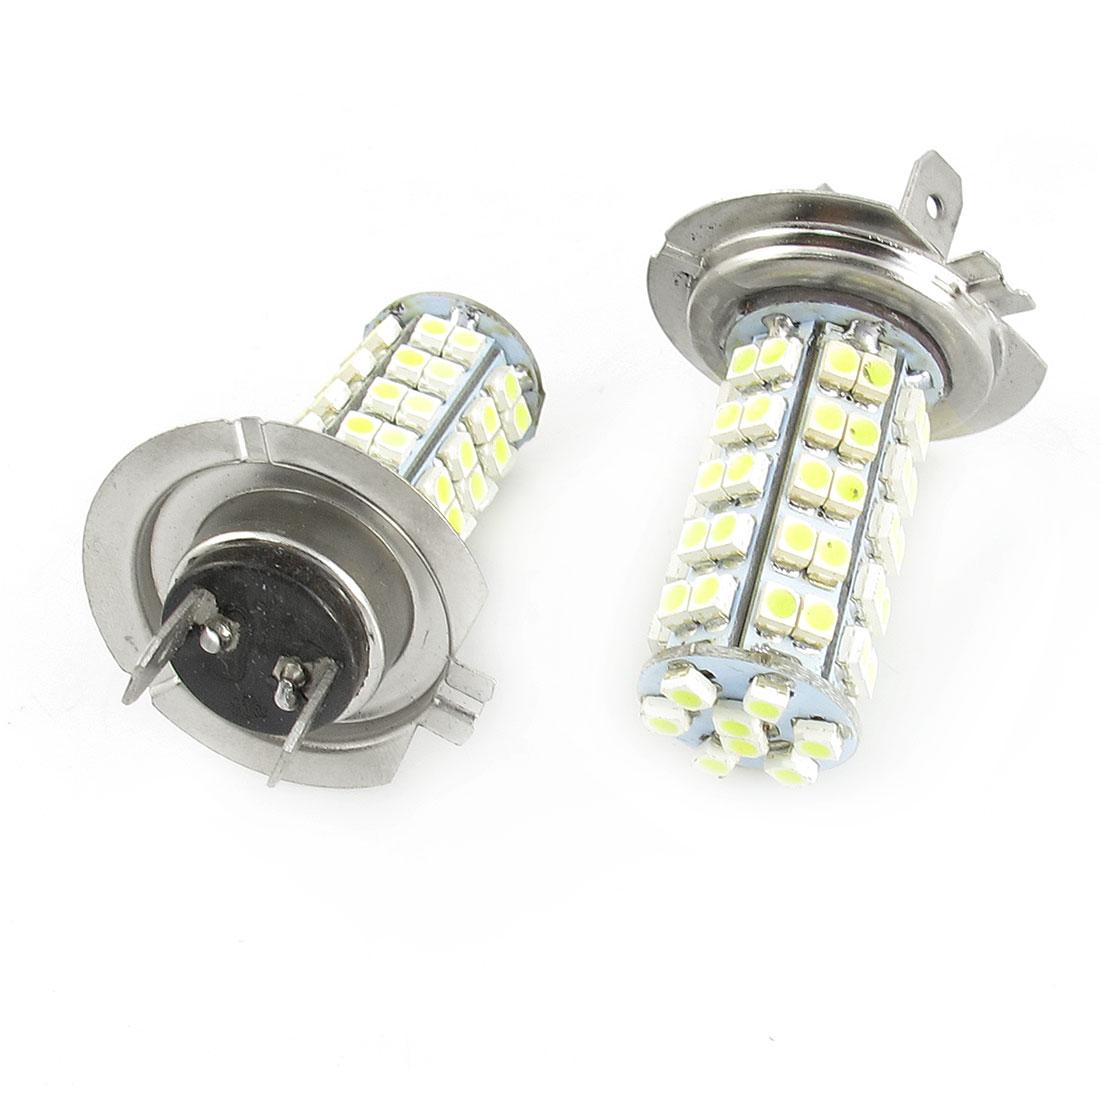 Paire - 1210 SMD 68 LED Feux phare avant H7 Ampoule Lampe de rechange 12 V - image 1 de 1